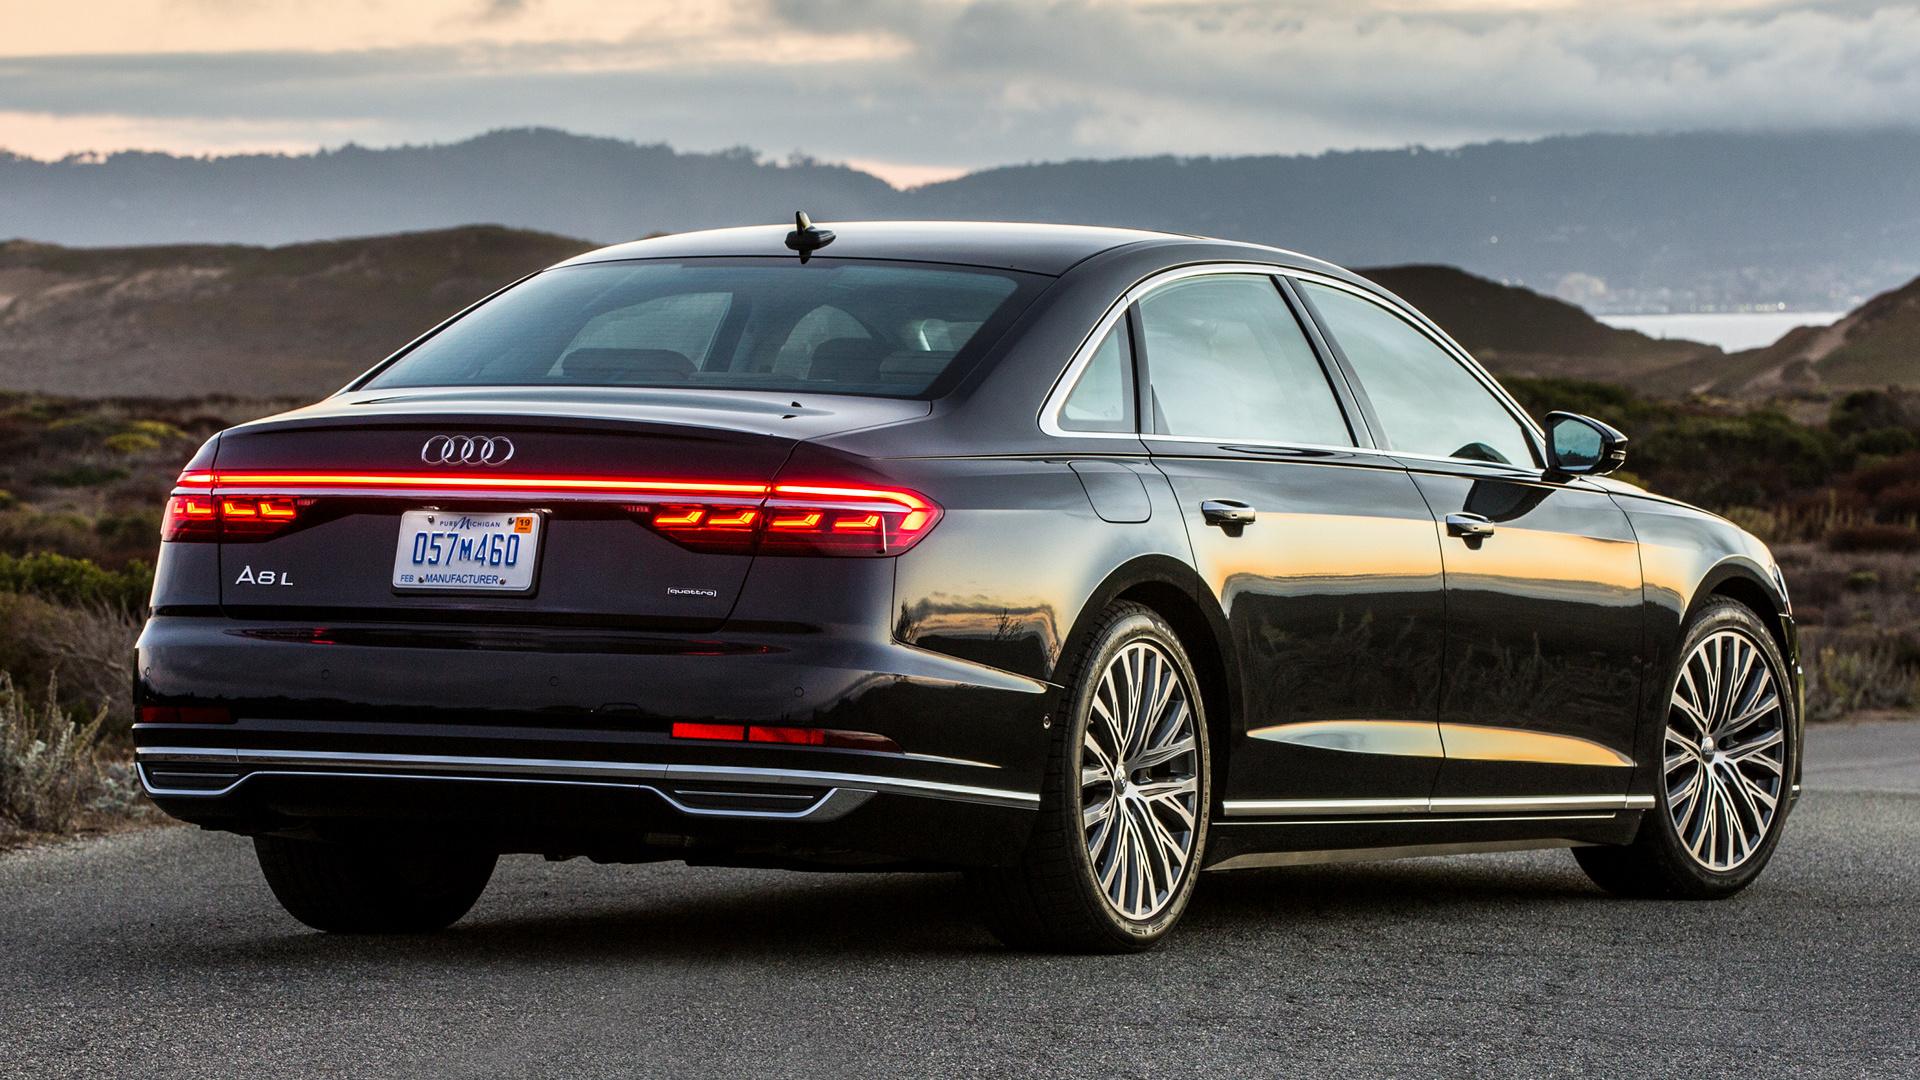 2019 Audi A8 L Hd Wallpaper Background Image 1920x1080 Id